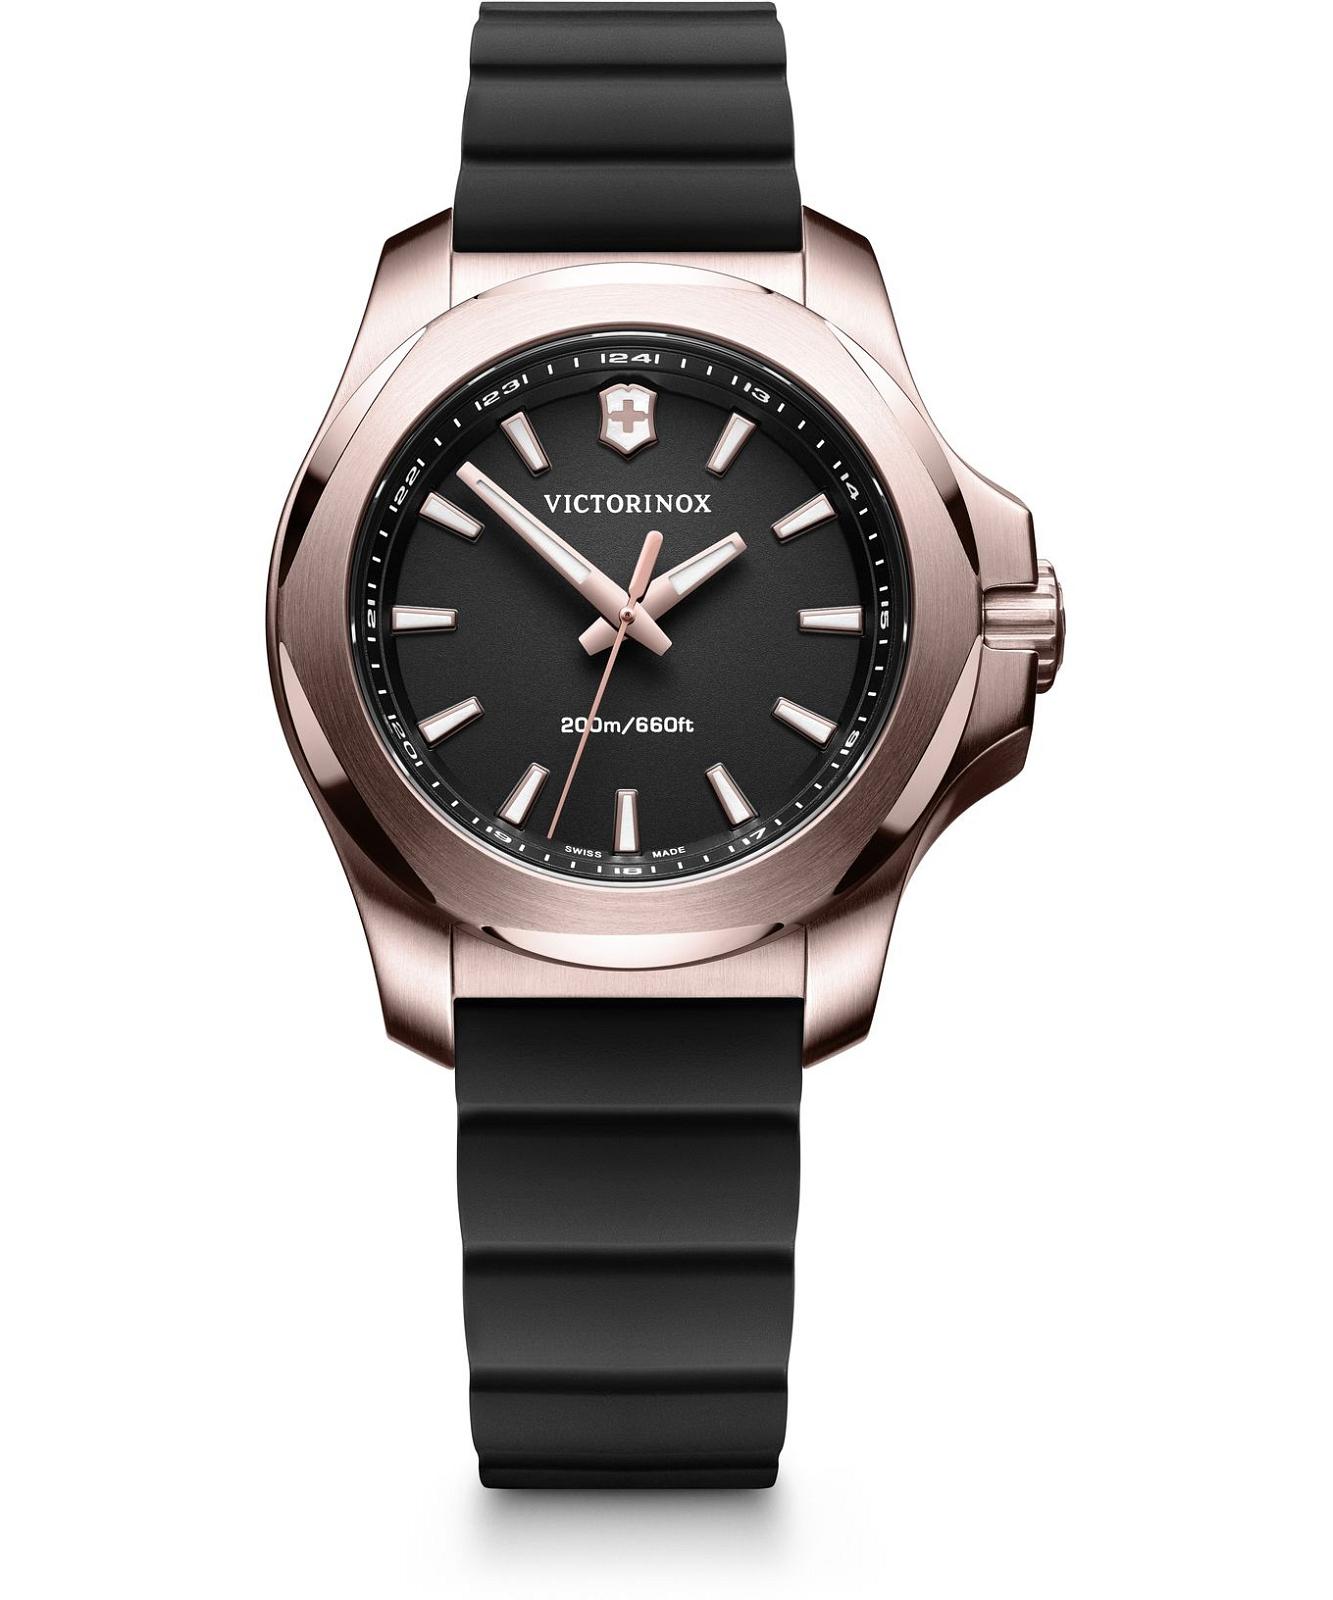 zegarek-damski-victorinox-i-n-o-x-v-241808_001